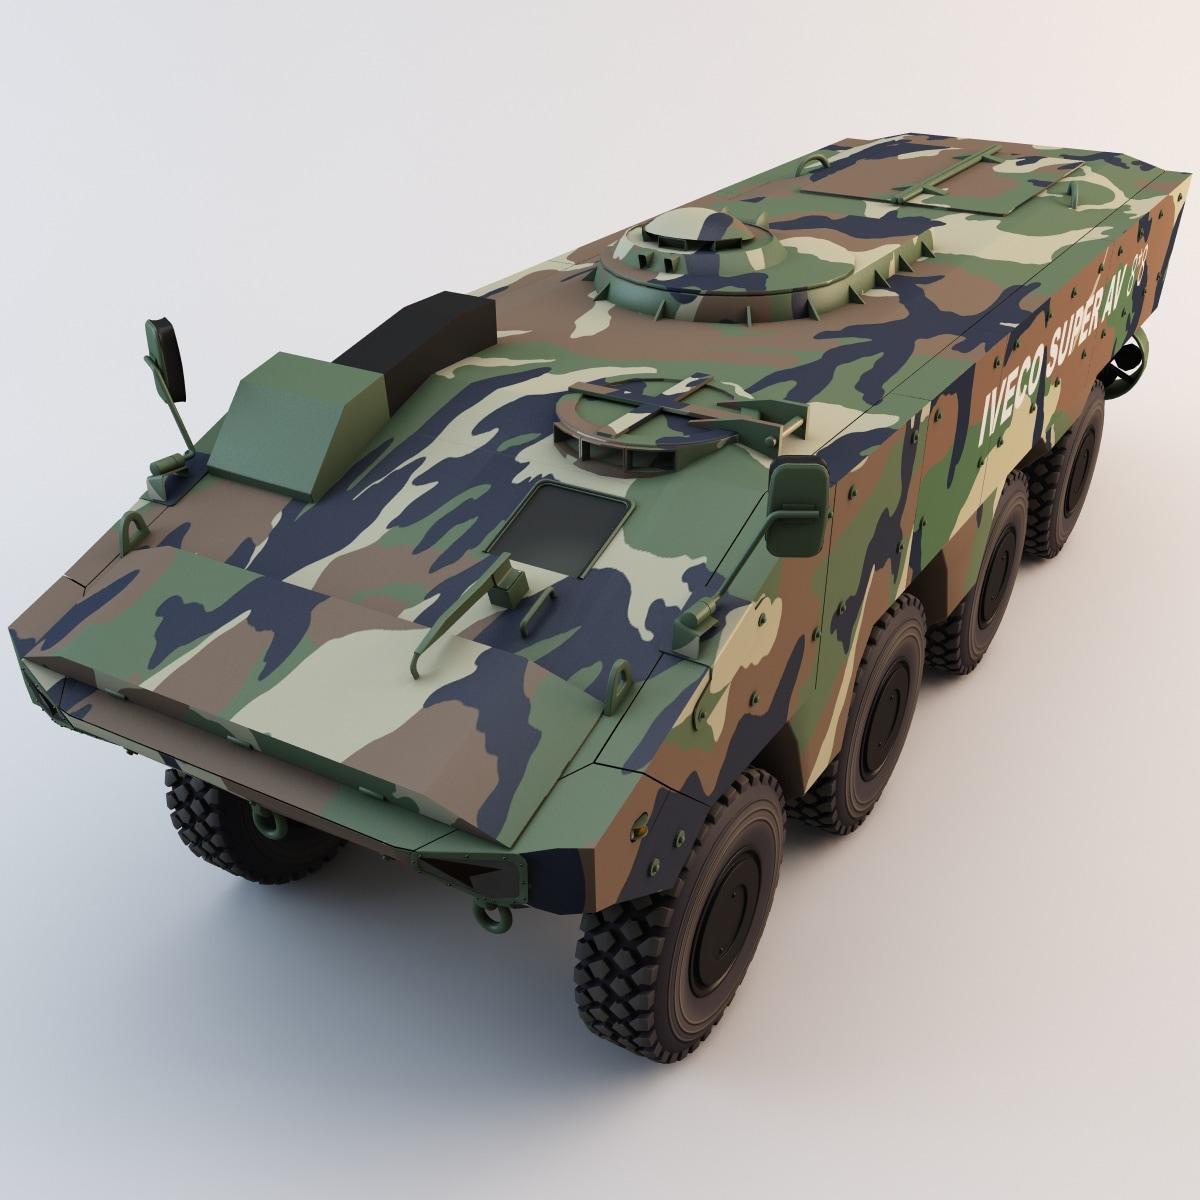 3d model iveco superav 8x8 armored